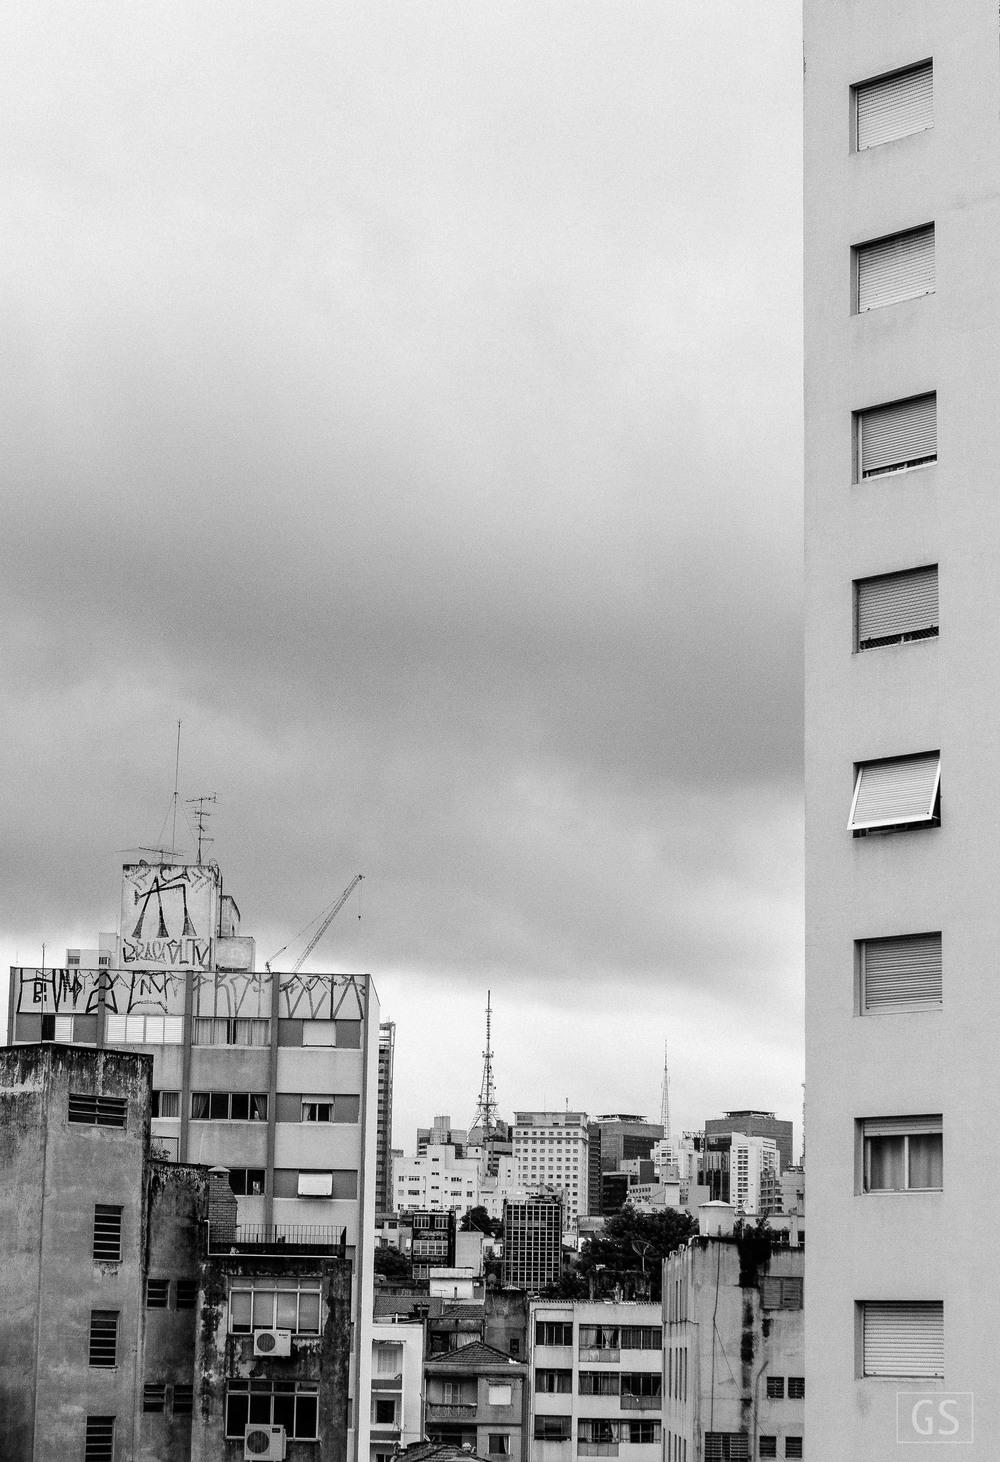 Da janela. Bela Vista, São Paulo. 2015